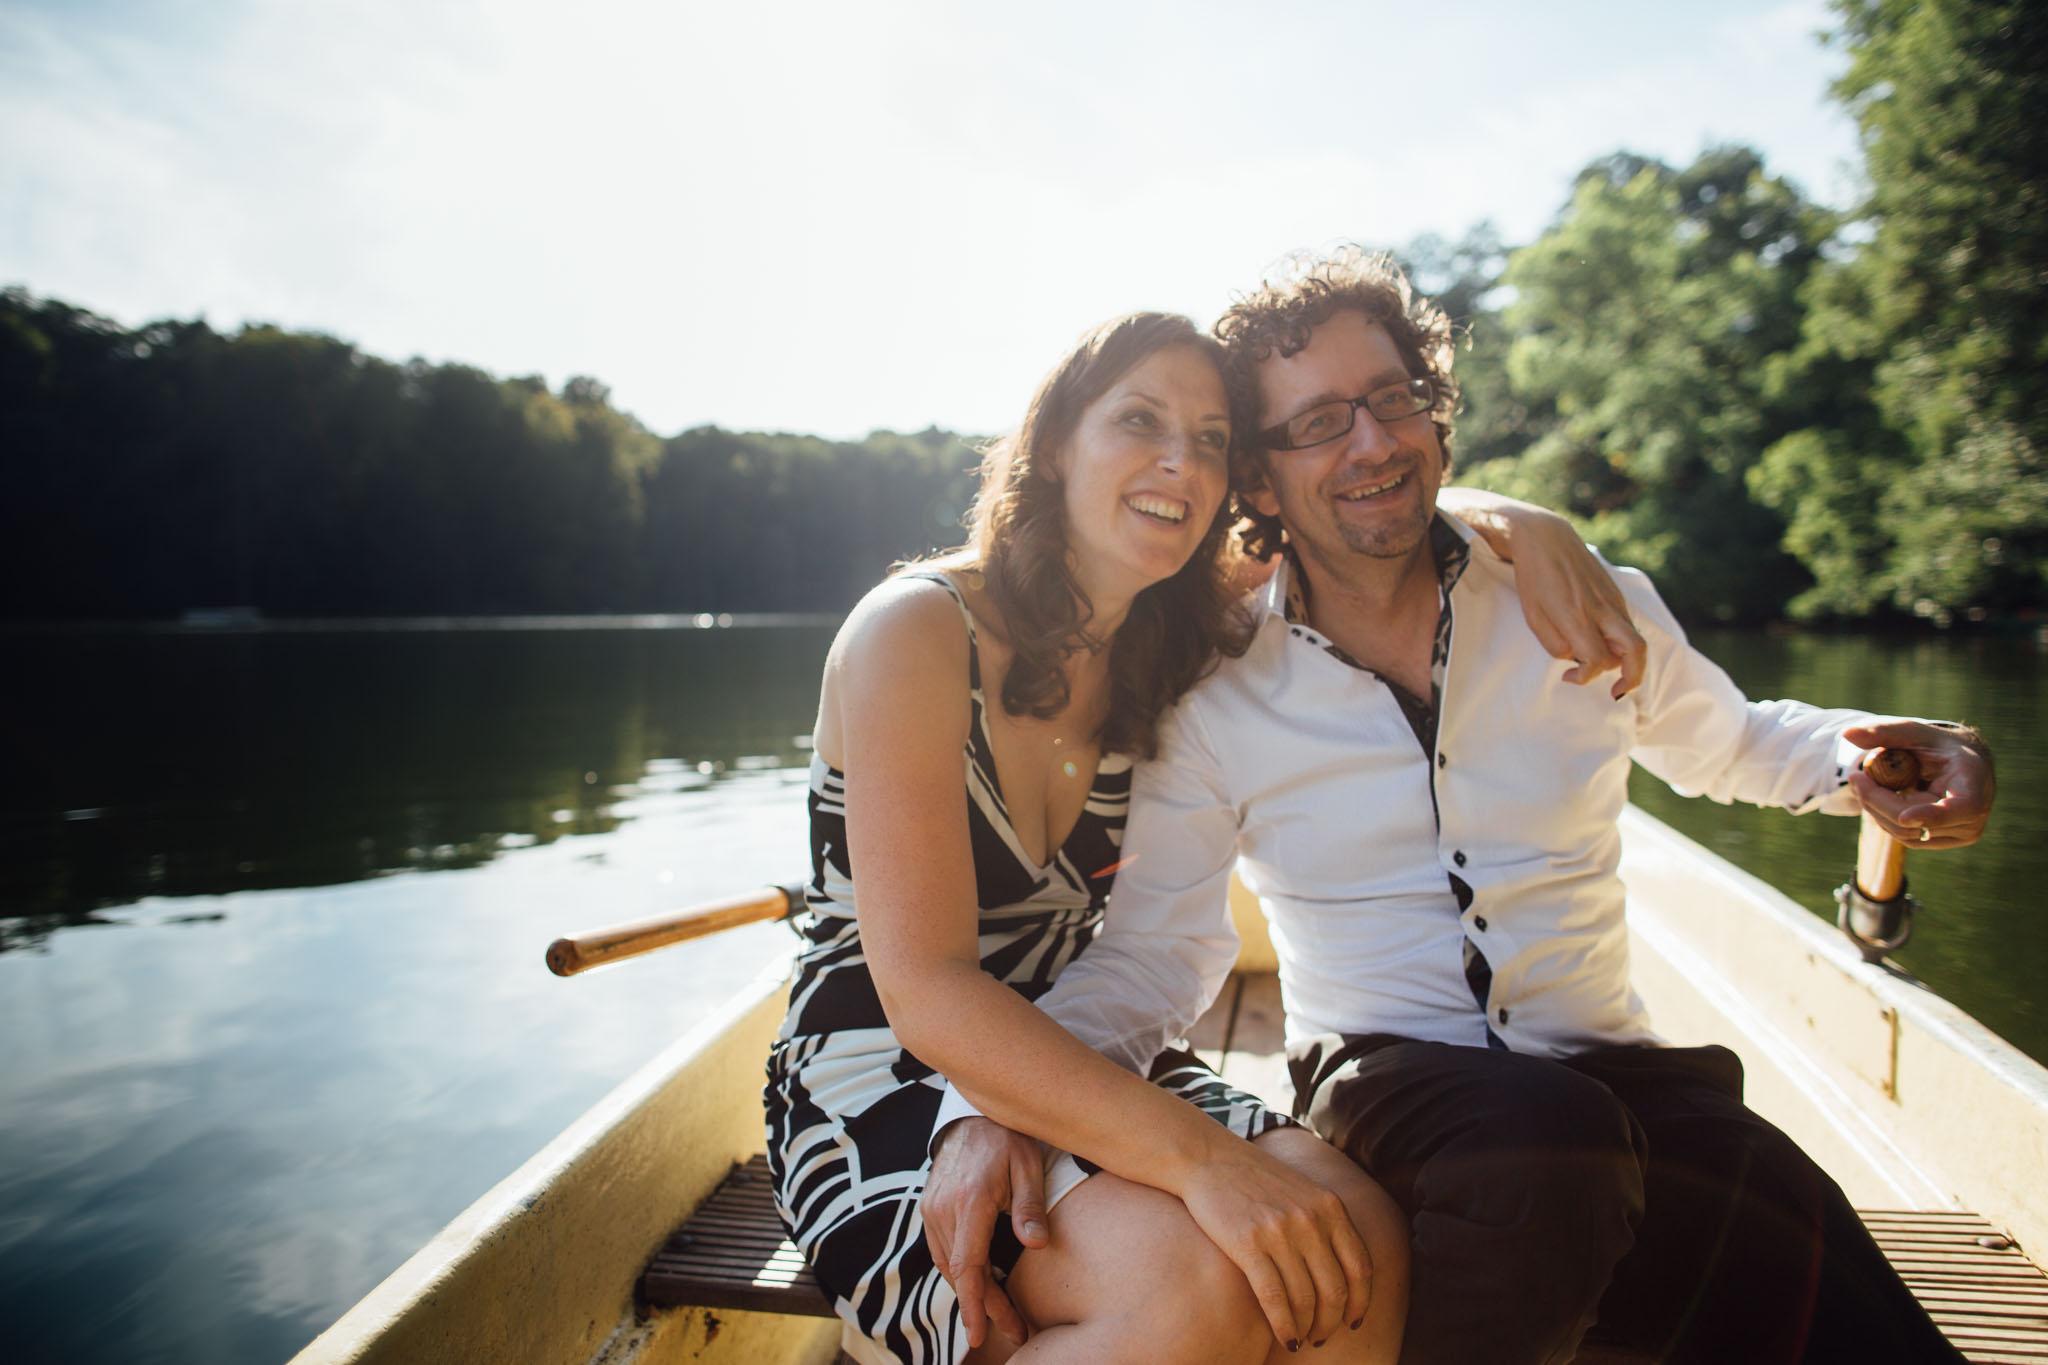 hochzeitsfotos-brandenburg-boot-see